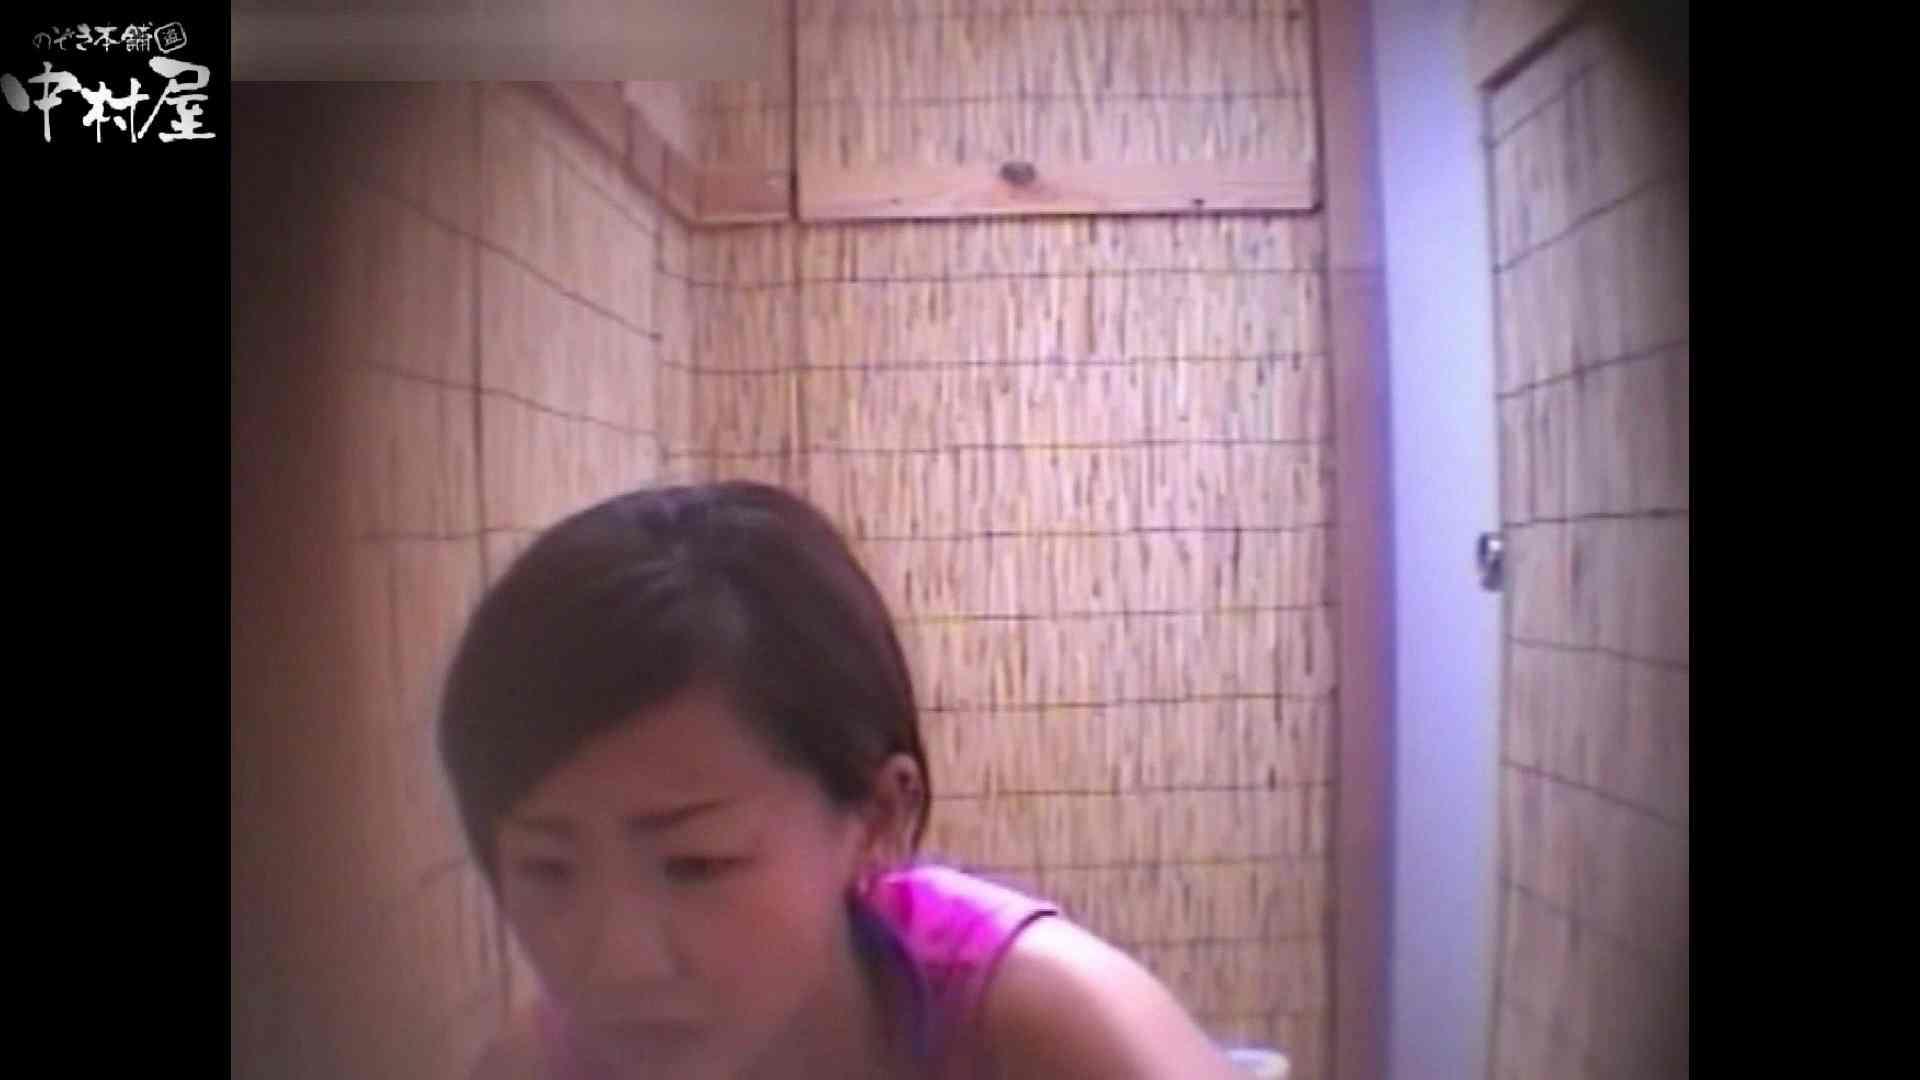 解禁!海の家4カメ洗面所vol.73 エロいギャル ぱこり動画紹介 9枚 2